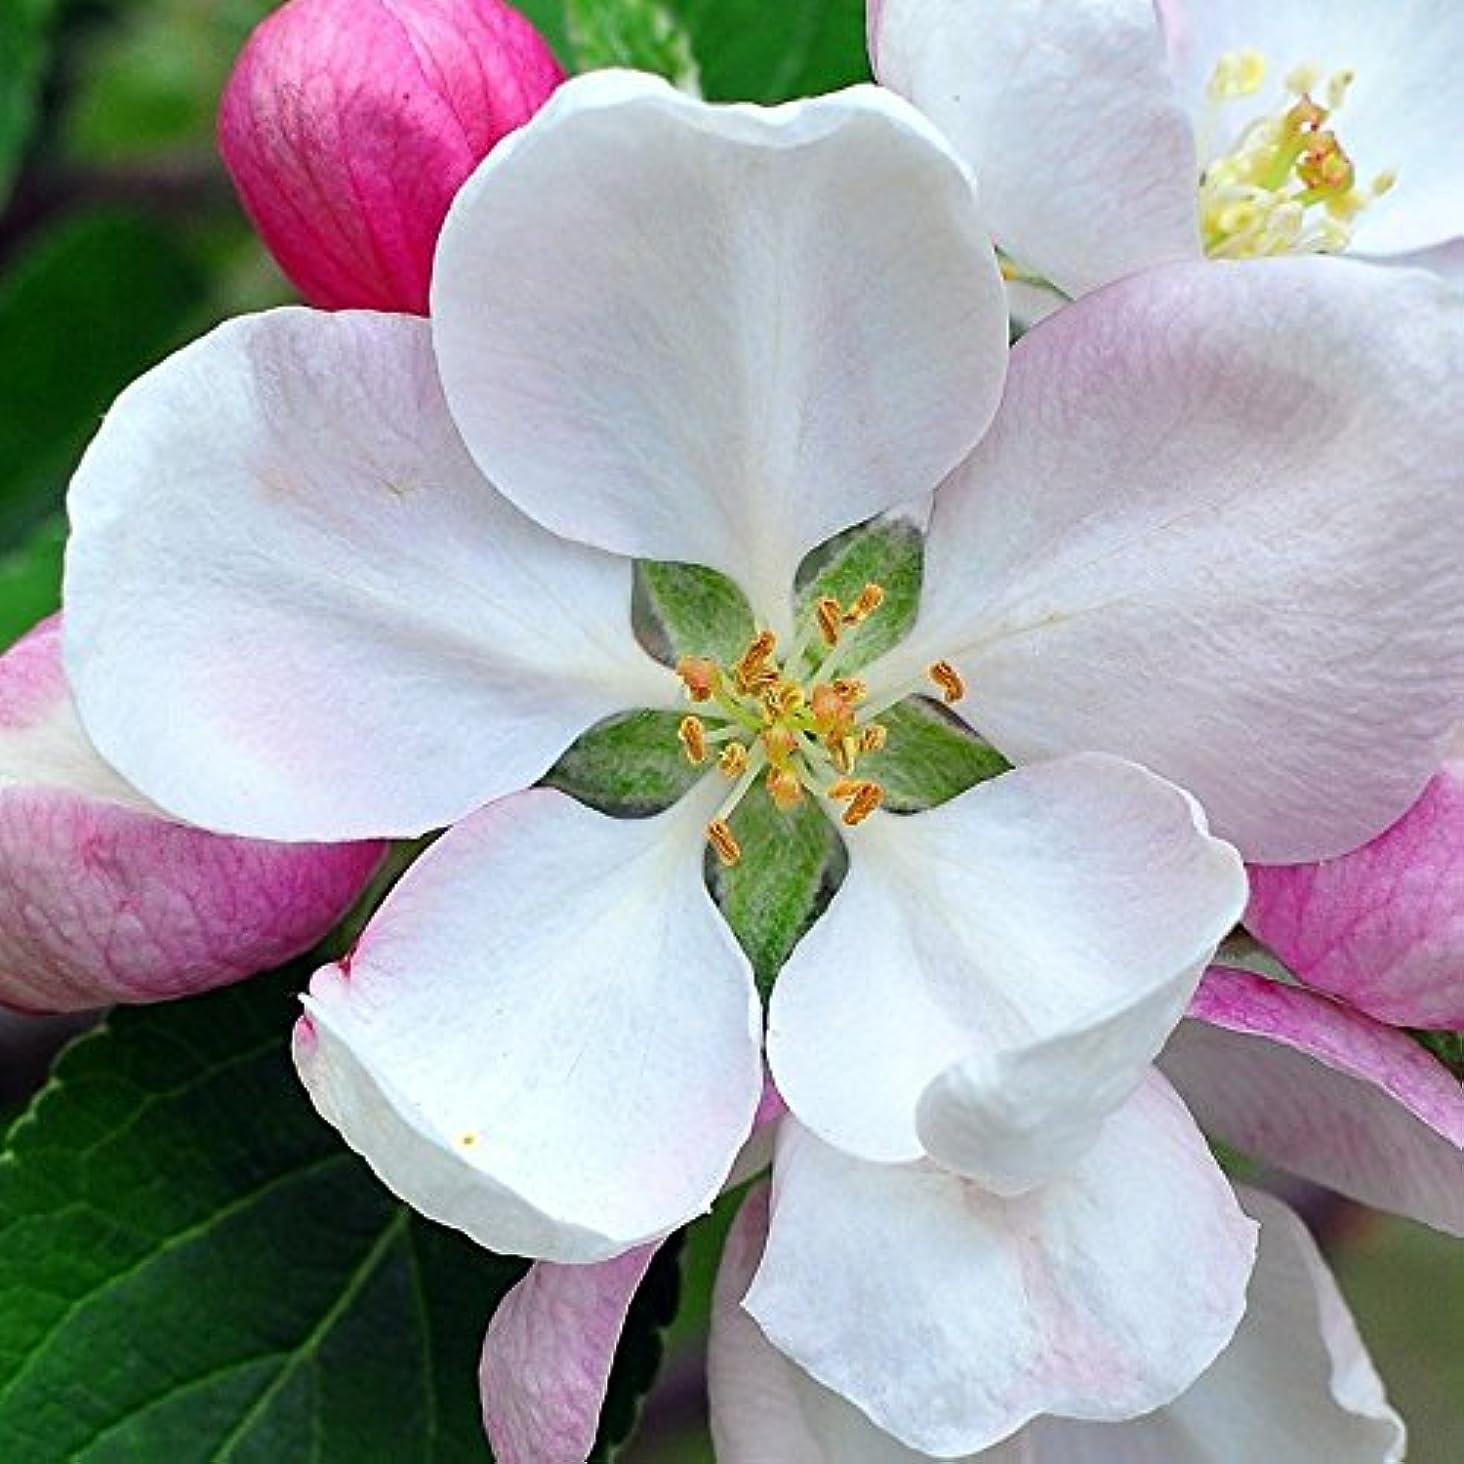 自我意気込み文アロマフレグランスオイル 日本モクレン(Japanese Magnolia)